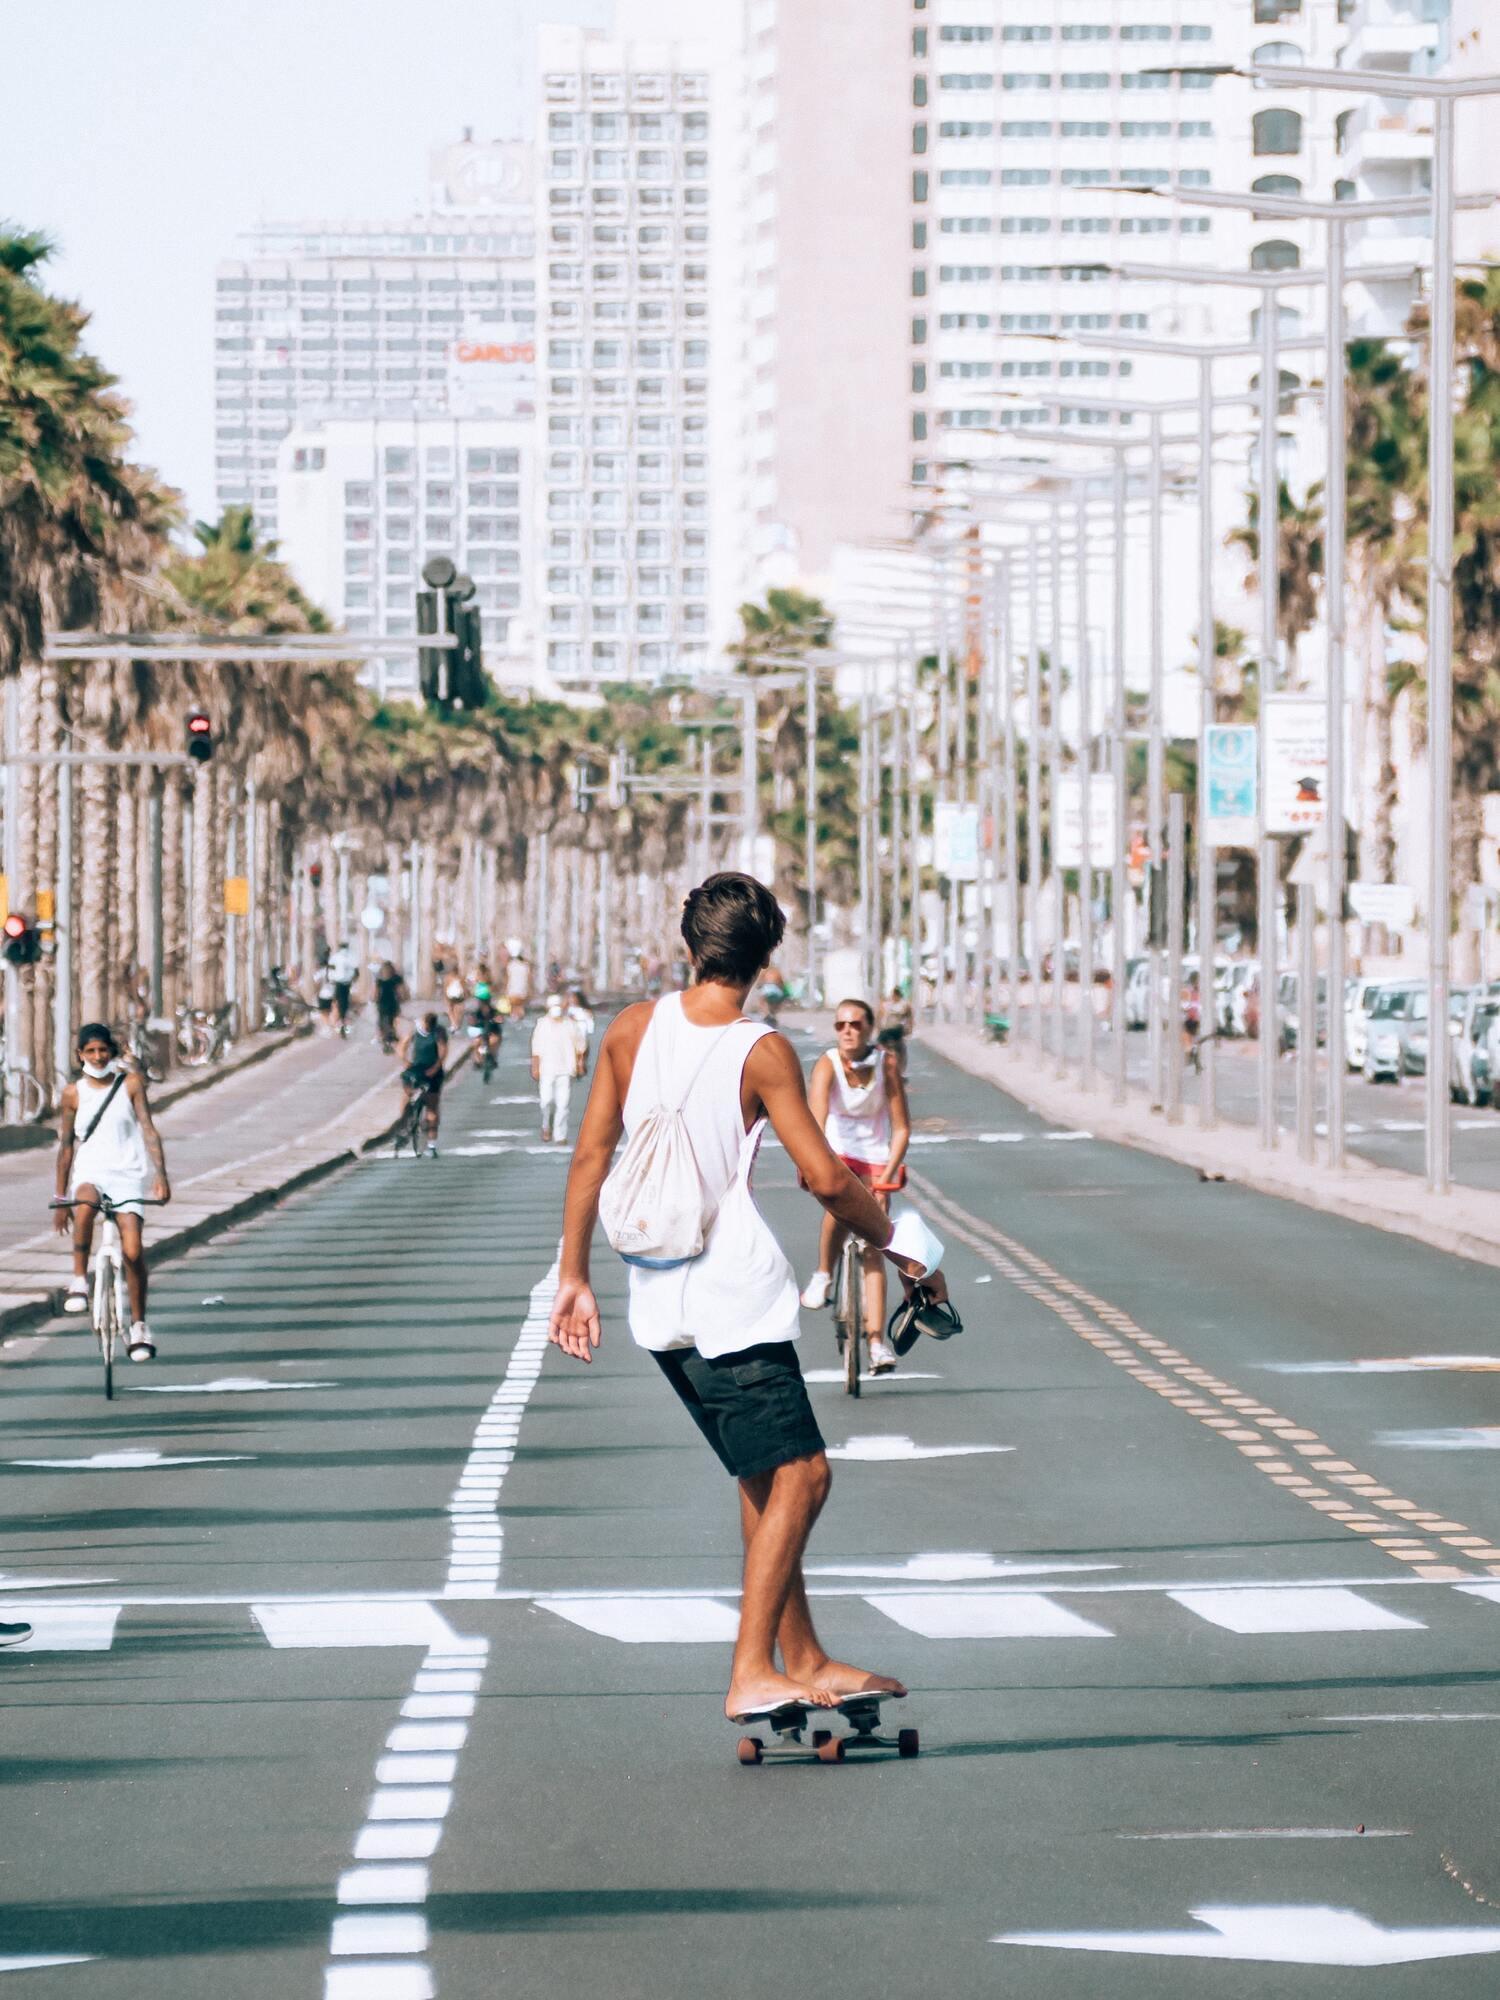 В Израиле в Йом-Кипур не ходит транспорт, поэтому дети свободно катаются на скейтах и велосипедах